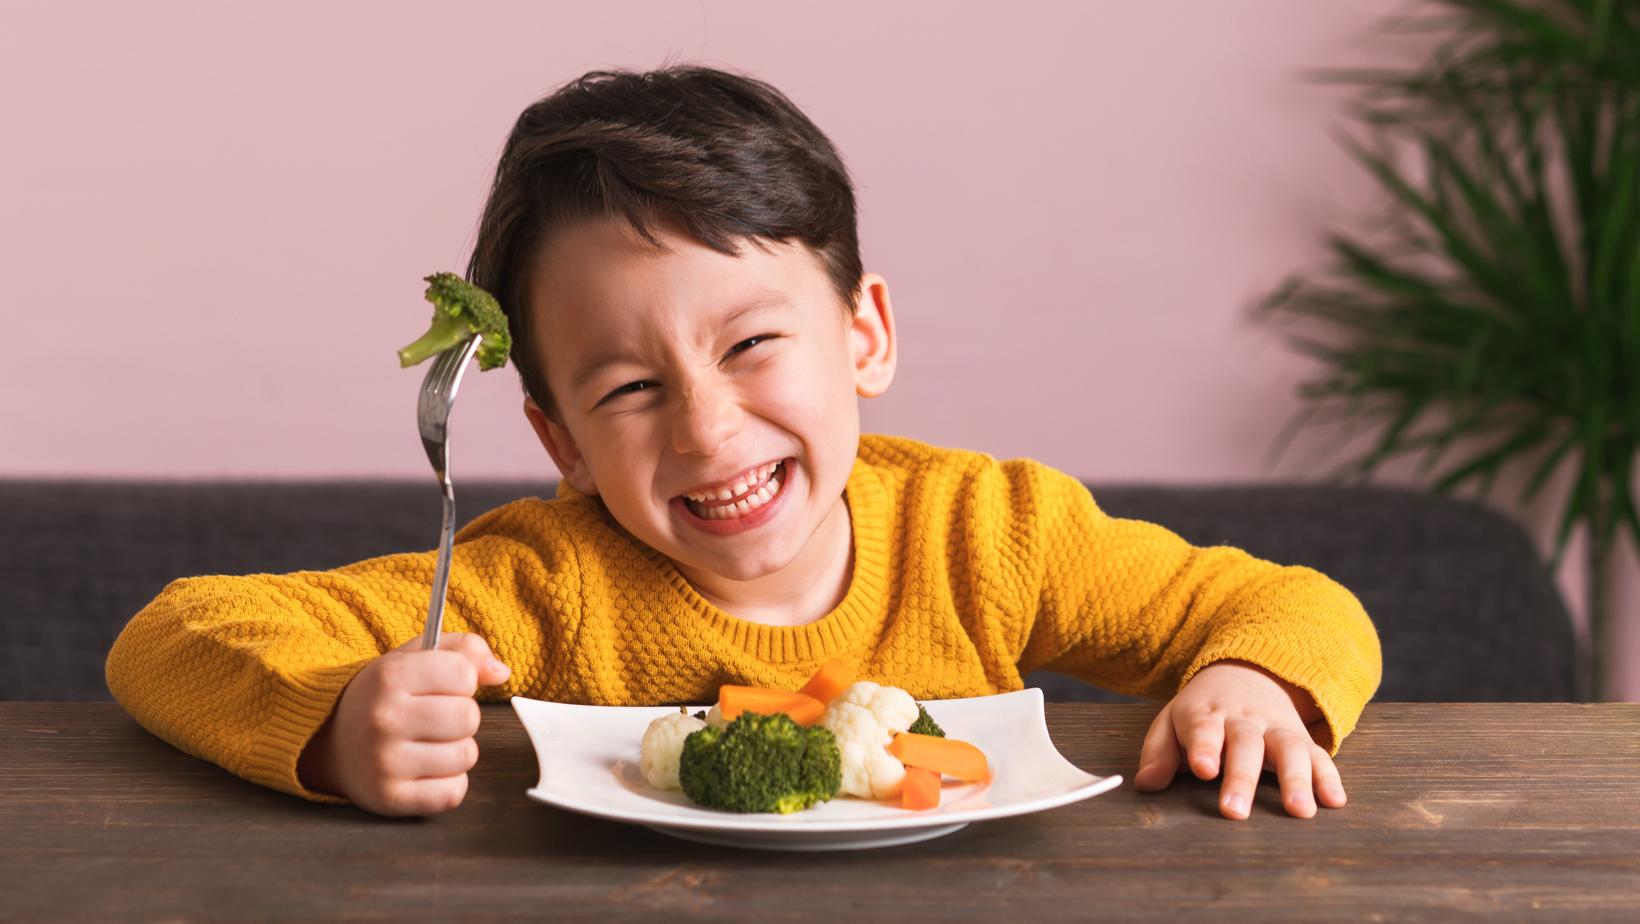 ΒΙΤΑΜΙΝΕΣ Ποιος ο ρόλος των βιταμινών στην παιδική ηλικία;